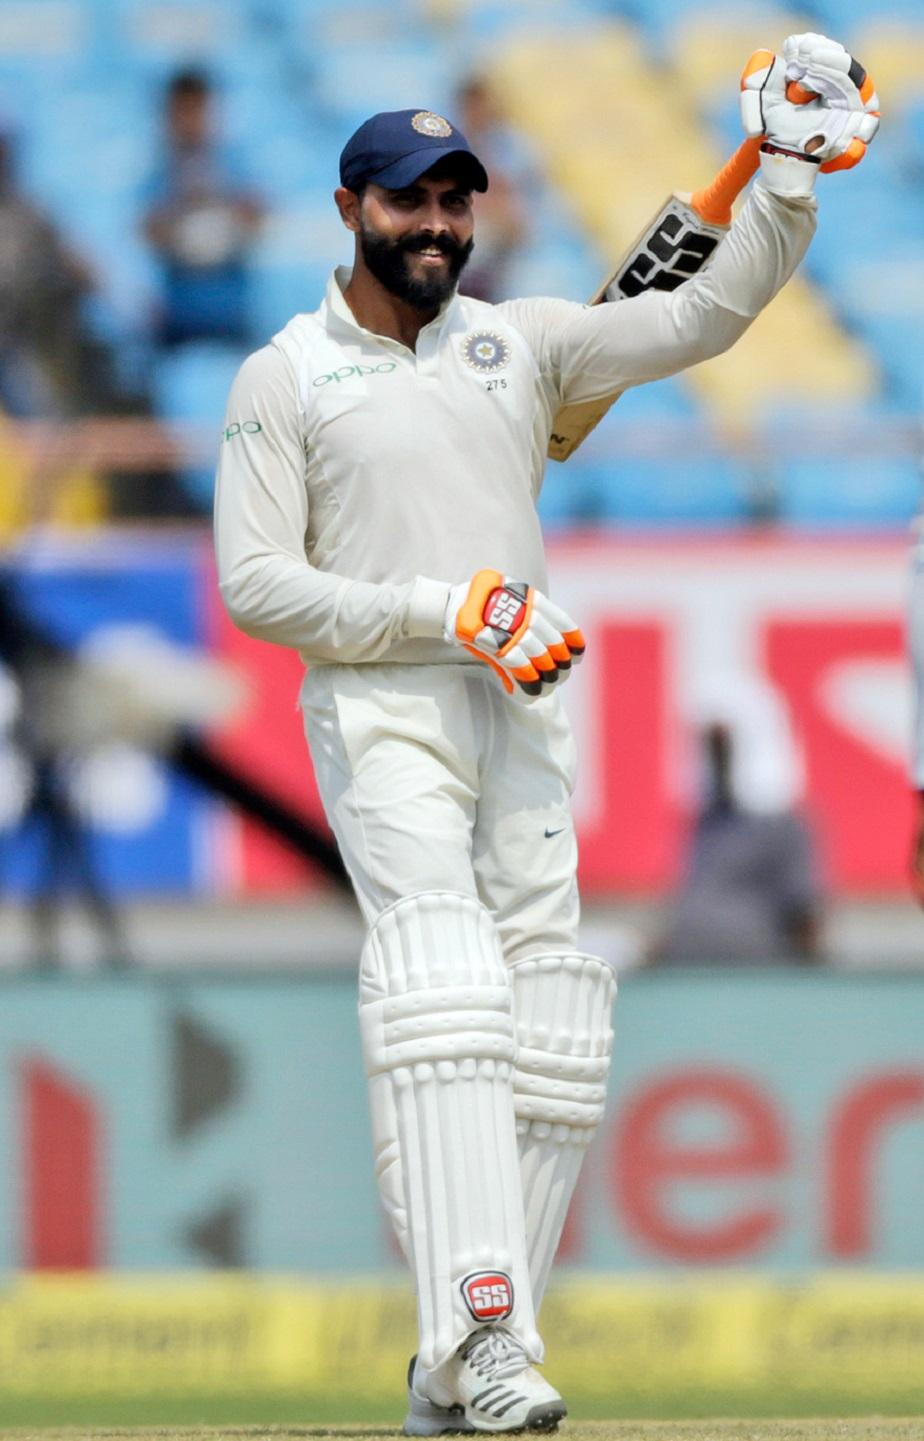 ವೆಸ್ಟ್ ಇಂಡೀಸ್ ವಿರುದ್ಧದ ಟೆಸ್ಟ್ನಲ್ಲಿ ಅರ್ಧಶತಕ ಗಳಿಸಿದಾಗ ಖುಷಿ ಹಂಚಿಕೊಂಡ ಜಡೇಜಾ